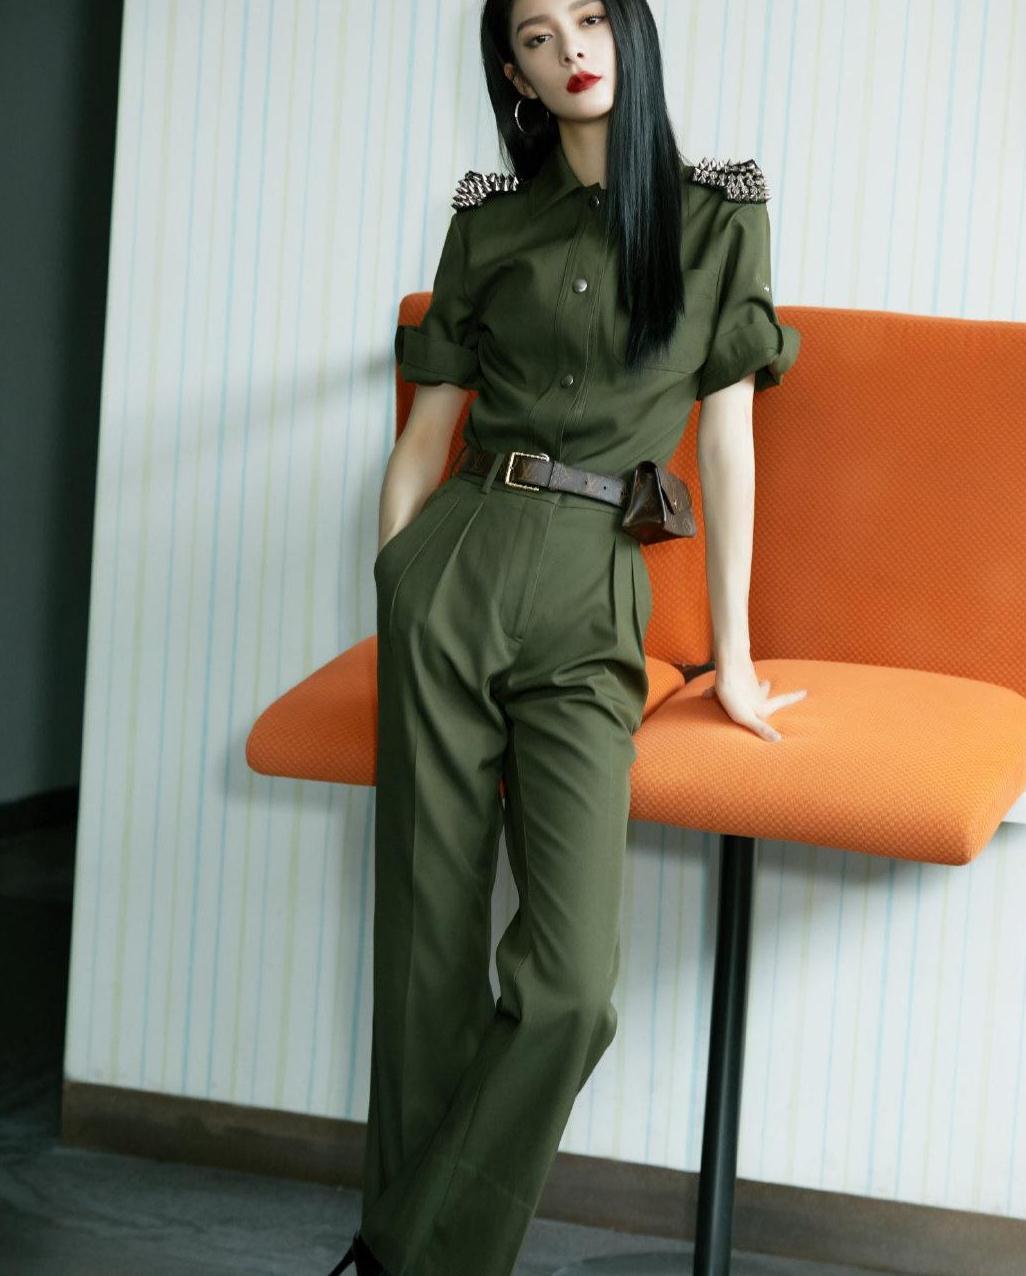 傅菁新造型太帅了吧!一袭军绿套装飒爽英姿,时尚吸睛又有范儿